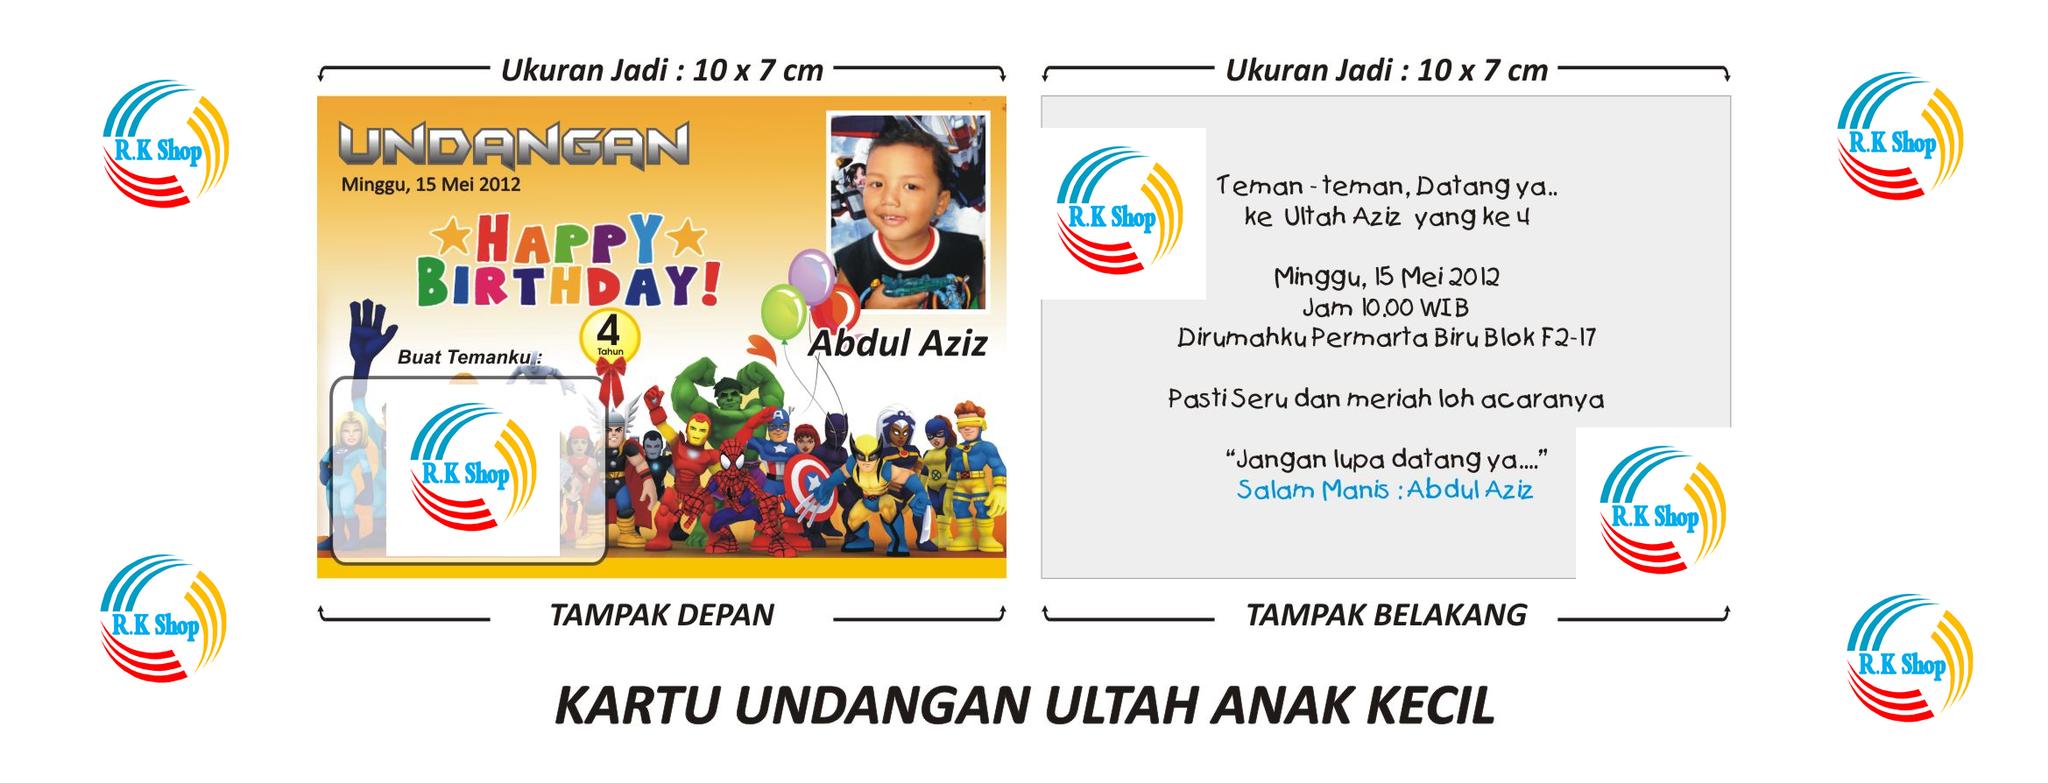 Comment on this picture ulang tahun anak contoh undangan kartu apps - Jual Kartu Undangan Ulang Tahun Anak Kode Kecil